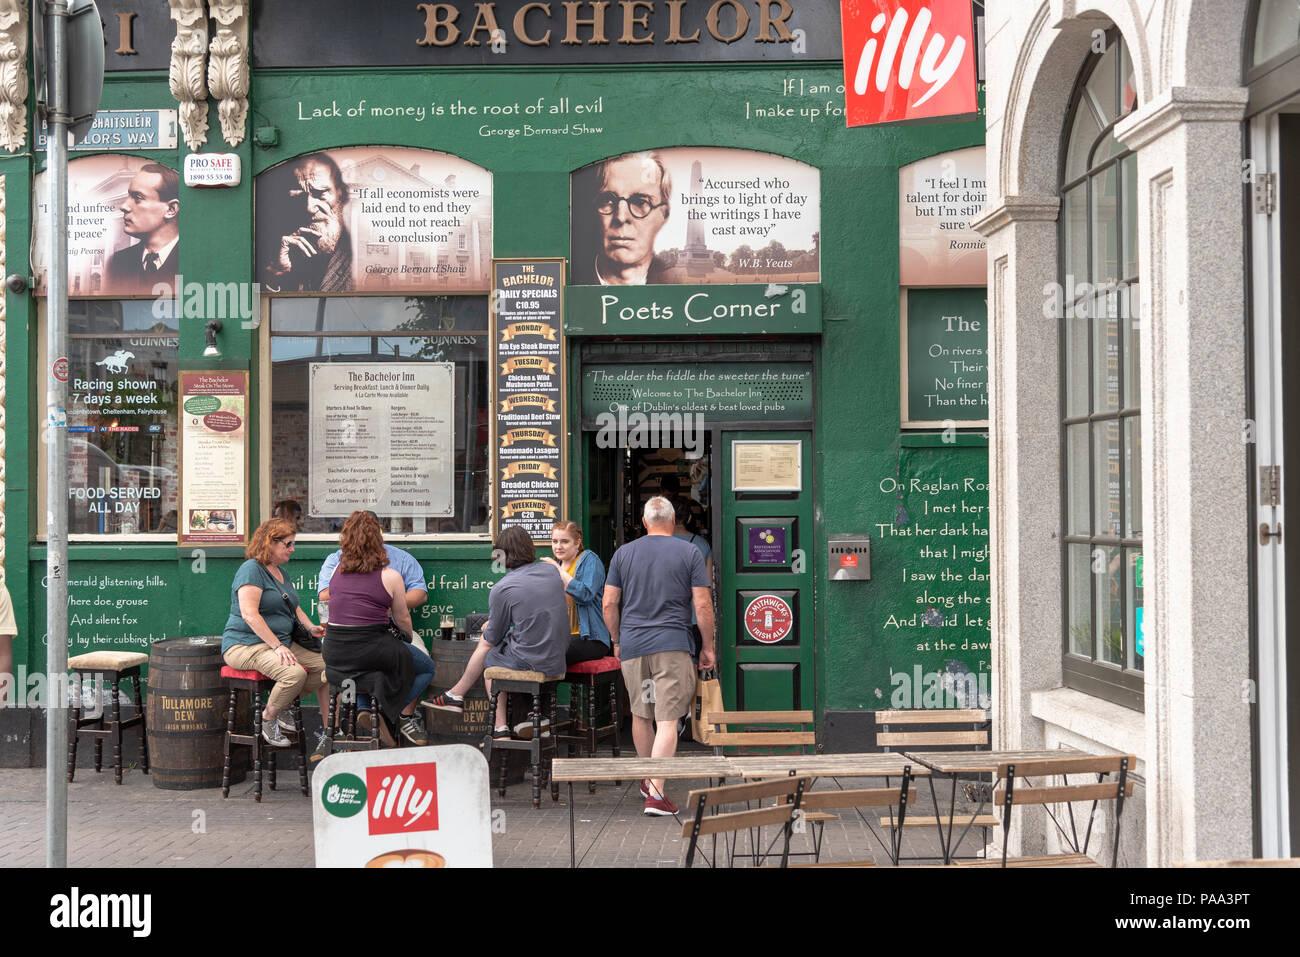 A la gente a sentarse y disfrutar de una pinta fuera de un pub en Irlanda. Un hombre entra en la puerta. Imagen De Stock